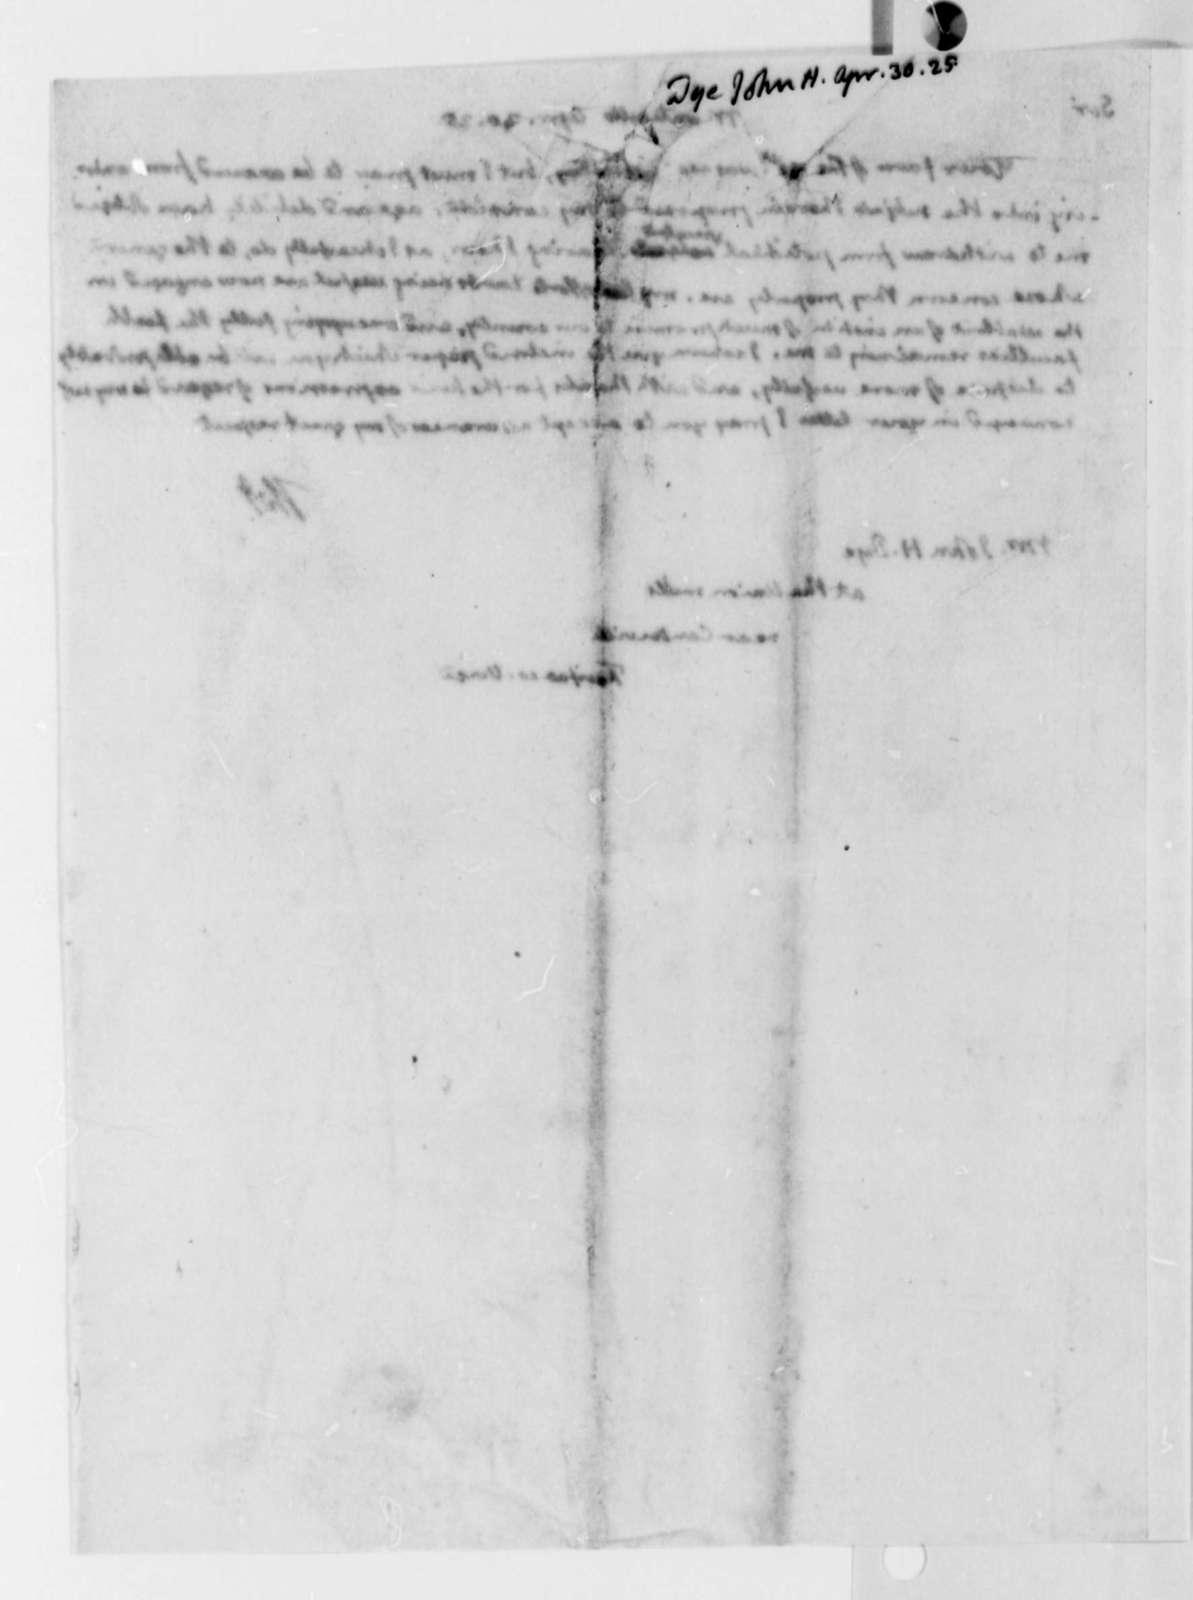 Thomas Jefferson to John H. Dye, April 30, 1825